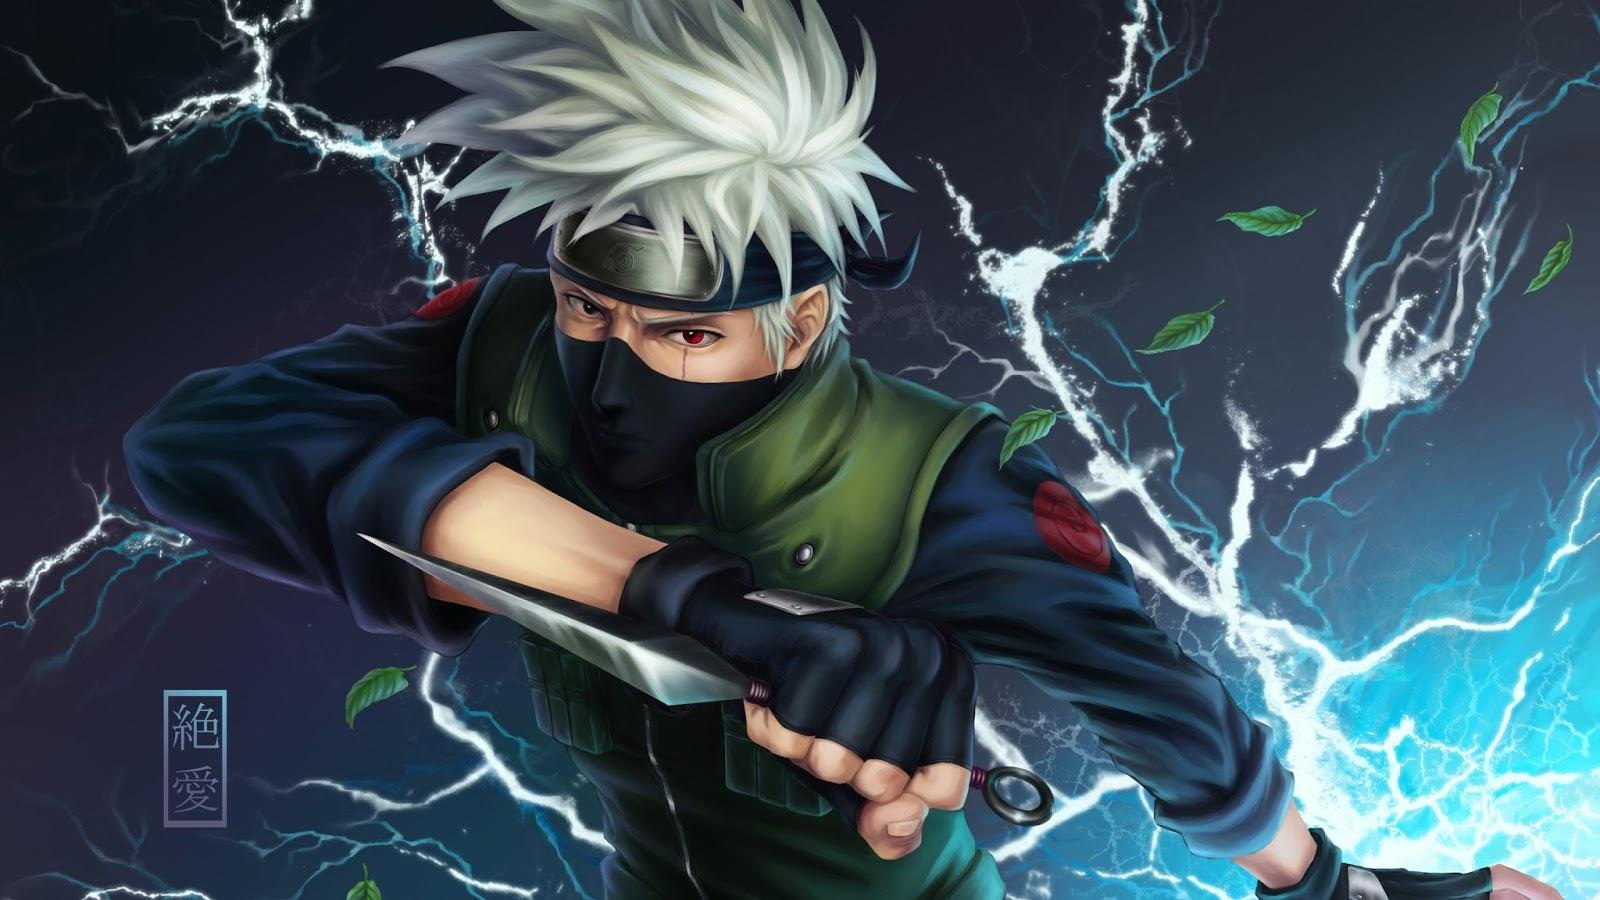 Fantastic Wallpaper Naruto Supreme - kakashi%2Bphone%2Bwallpaper%2Bsharingan%2B4k%2Bwallpaper%2Bmadara%2Buchiha%2B4k%2Bwallpaper%2Bsharingan%2Bwallpaper%2Bphone  Perfect Image Reference.jpg